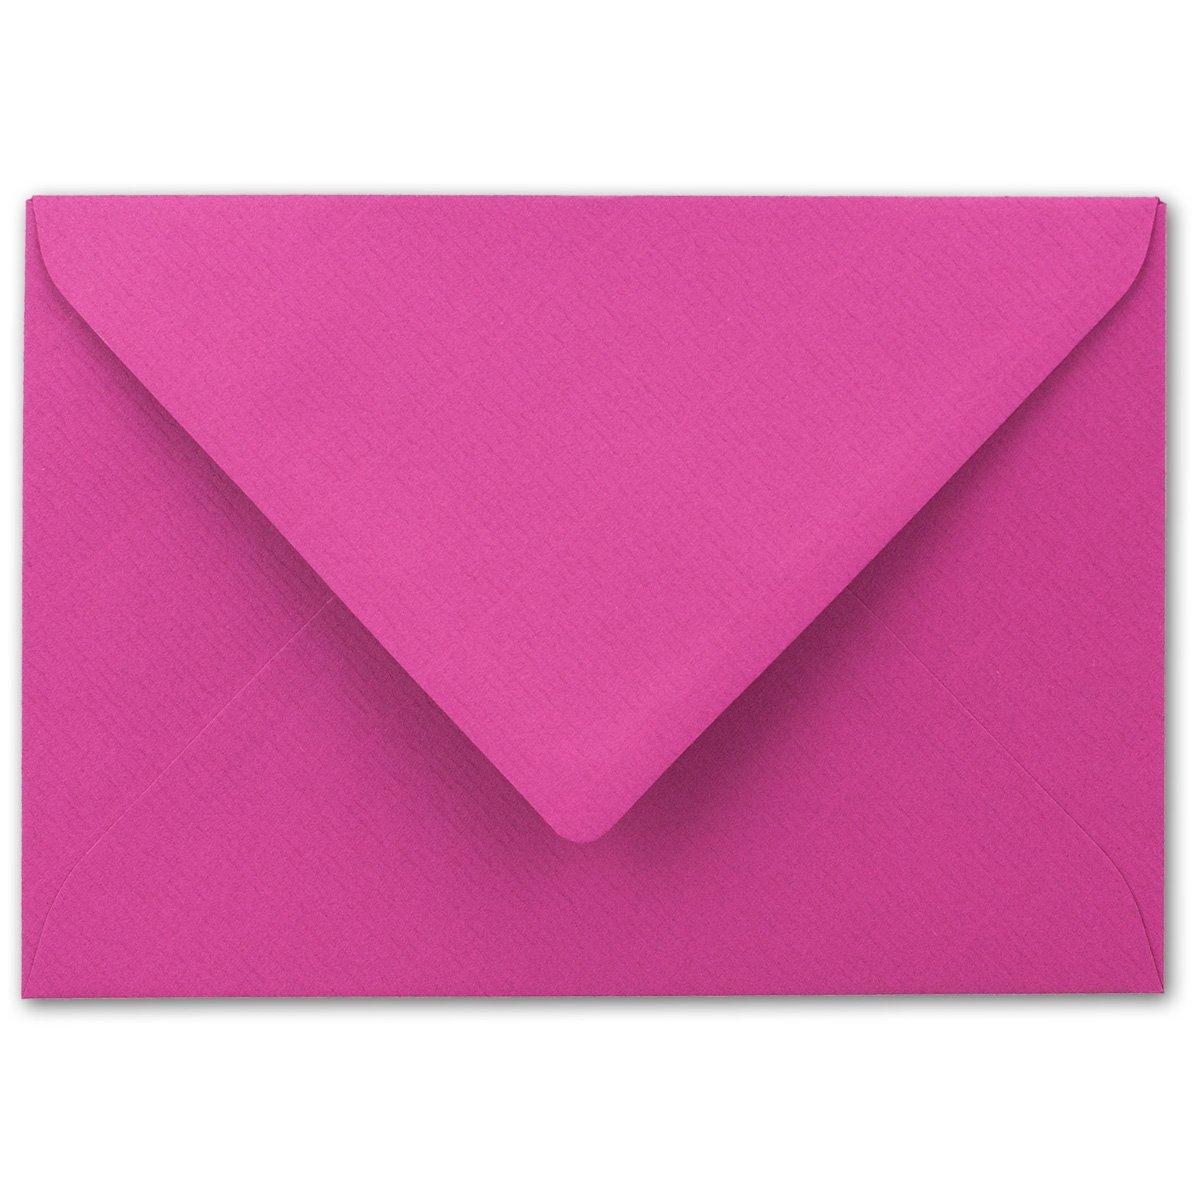 Brief-Umschläge in Nachtblau     150 Stück   DIN C5 KuGrüns 220 x 154 mm - Nassklebung ohne Fenster - Weihnachten, Grußkarten   Serie FarbenFroh® B07C97TWQ4 | Spaß  07b665